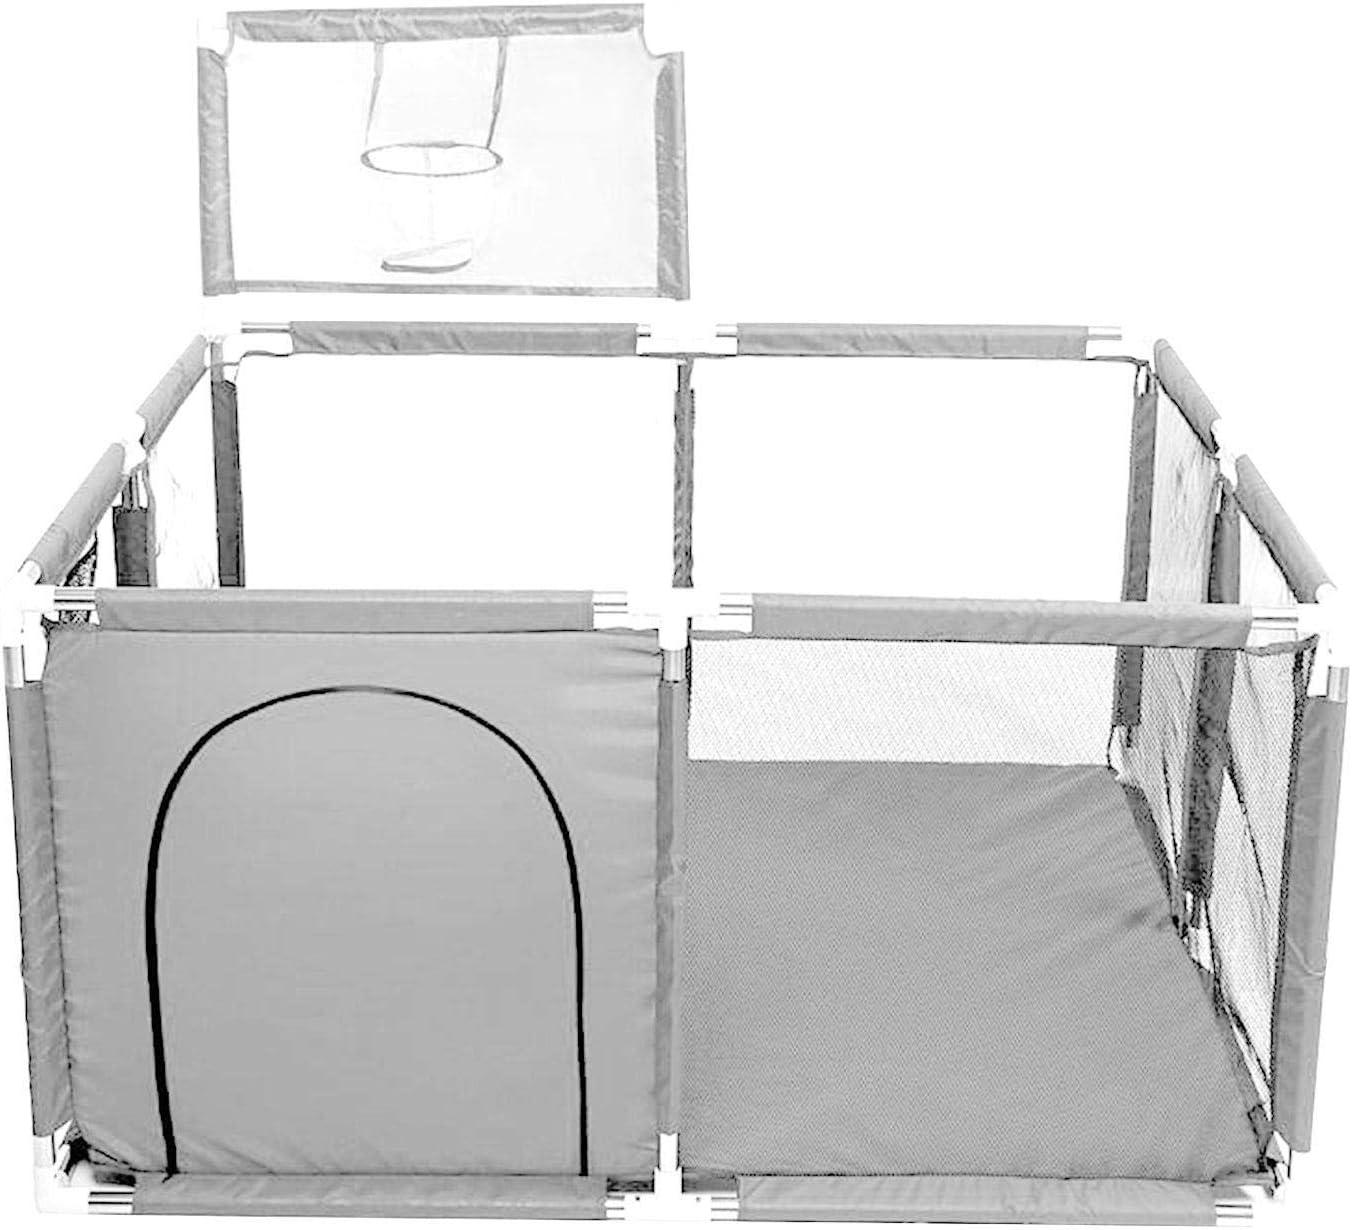 A/A Parque infantil de malla con canasta de baloncesto, centro de actividades para niños en interiores y exteriores, rejilla de protección estable para niños (126 x 126 x 66 cm)